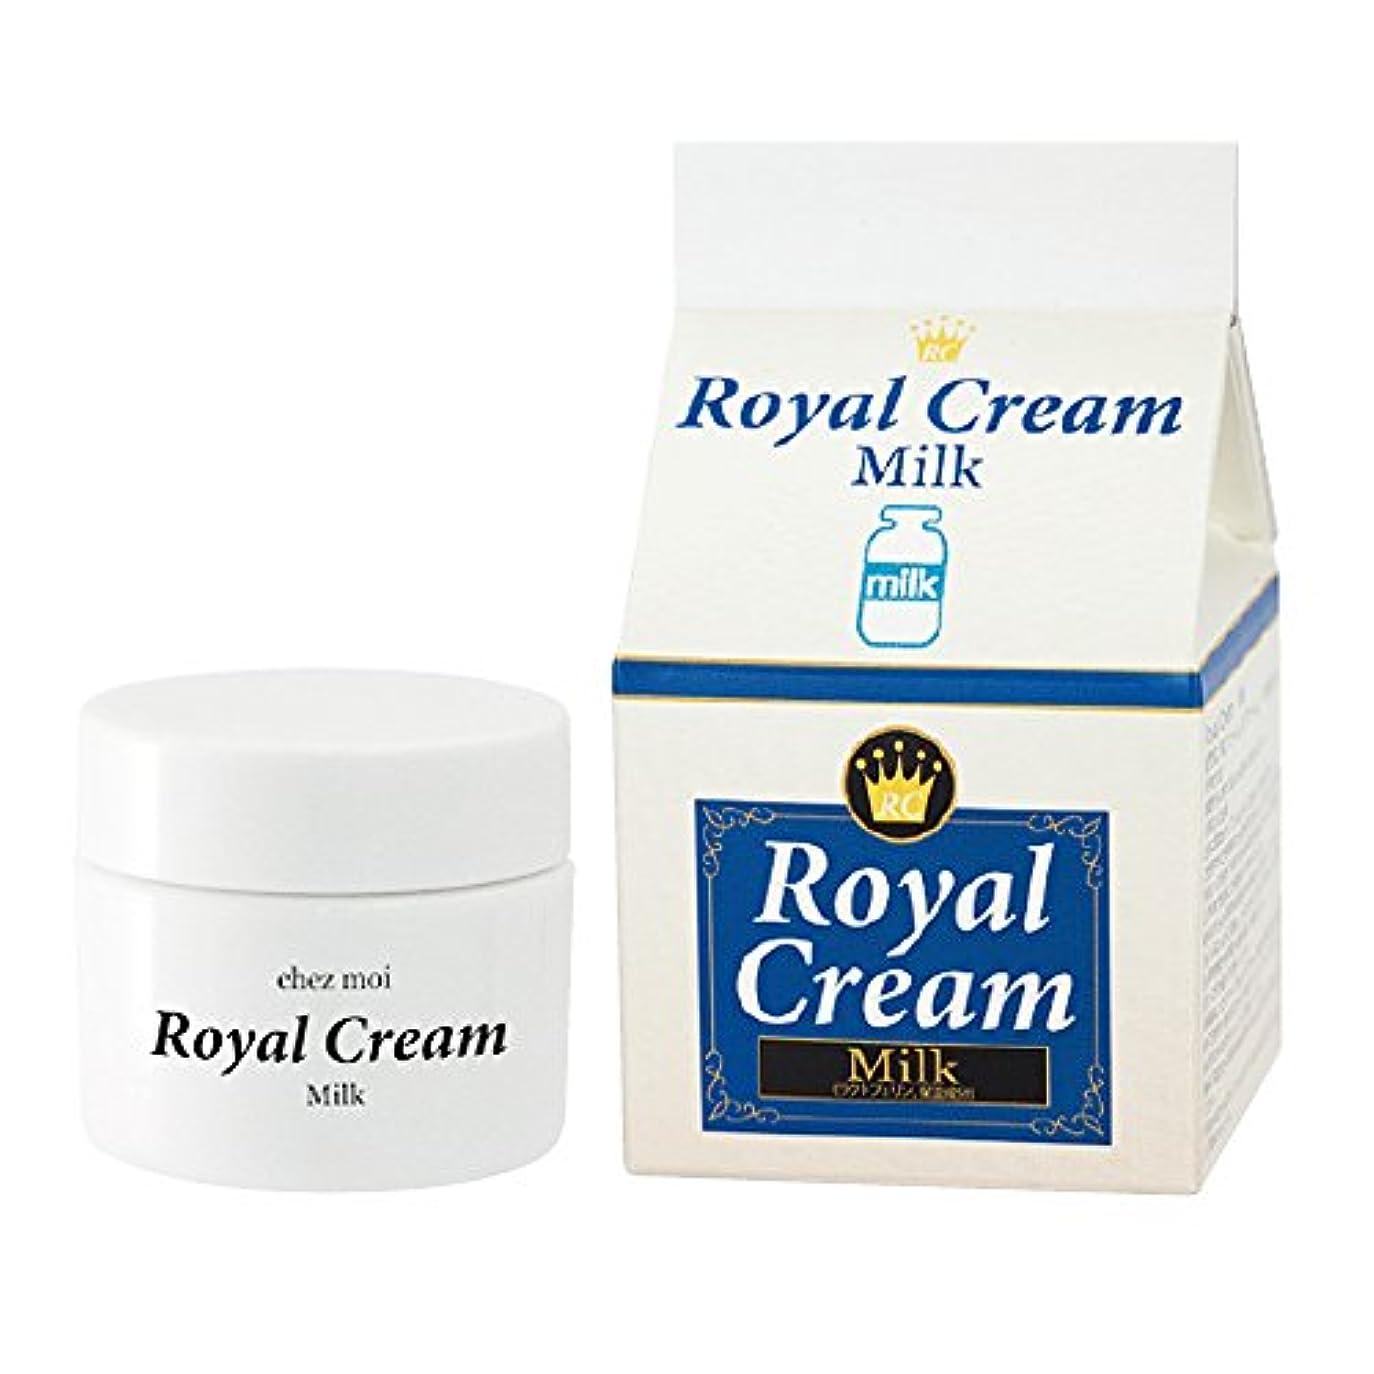 流行している豊かにする人に関する限りシェモア Royal Cream(ロイヤルクリーム) Milk(ミルク) 30g